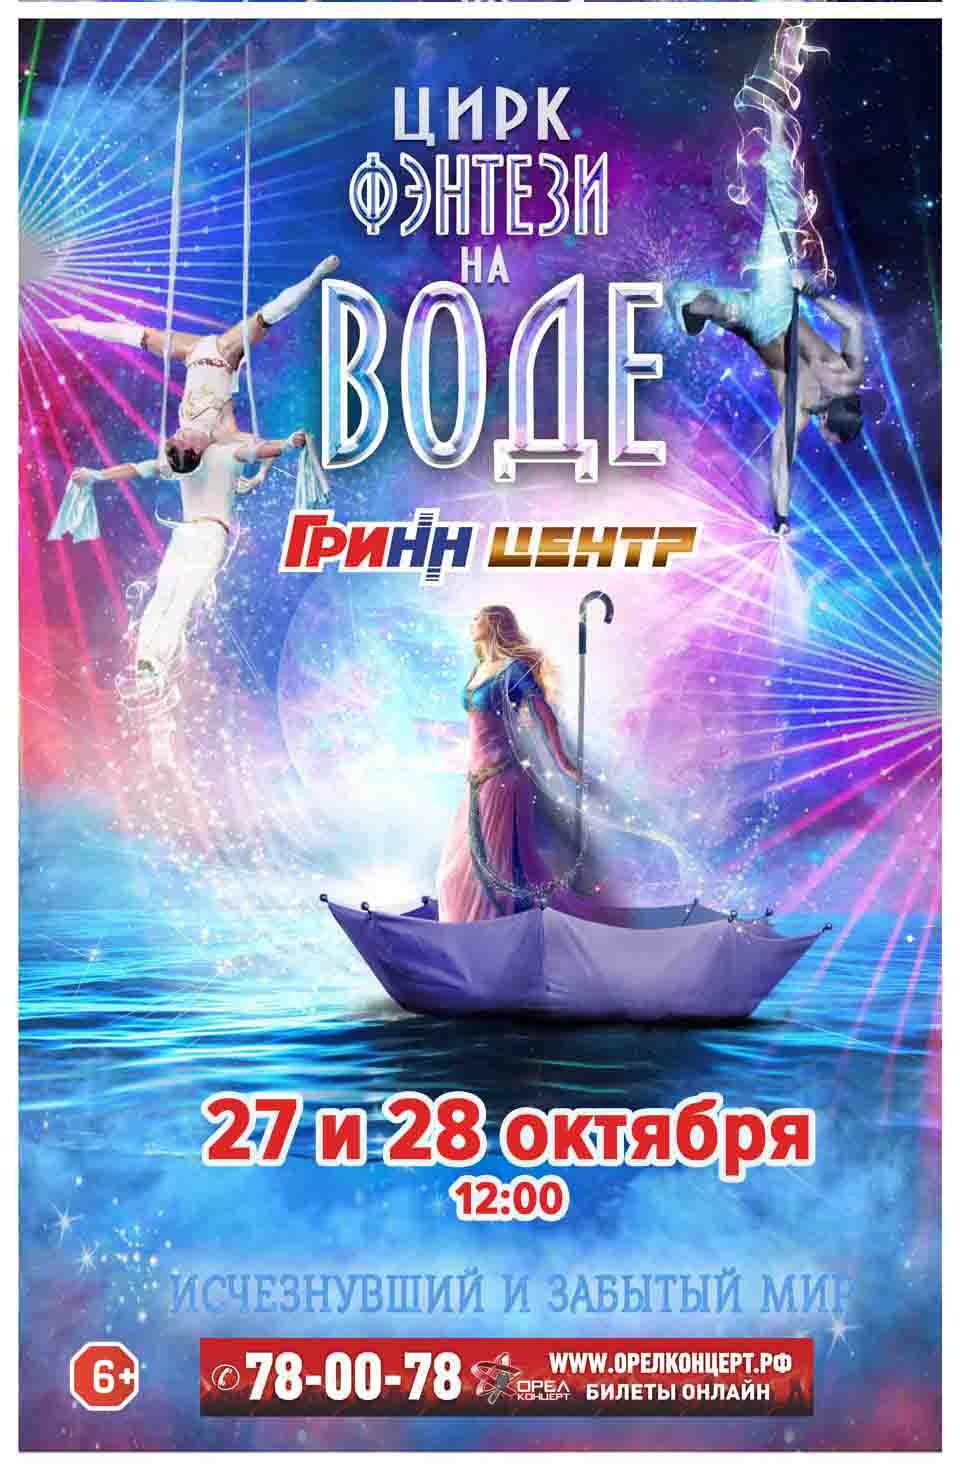 Цирк Фэнтази на воде